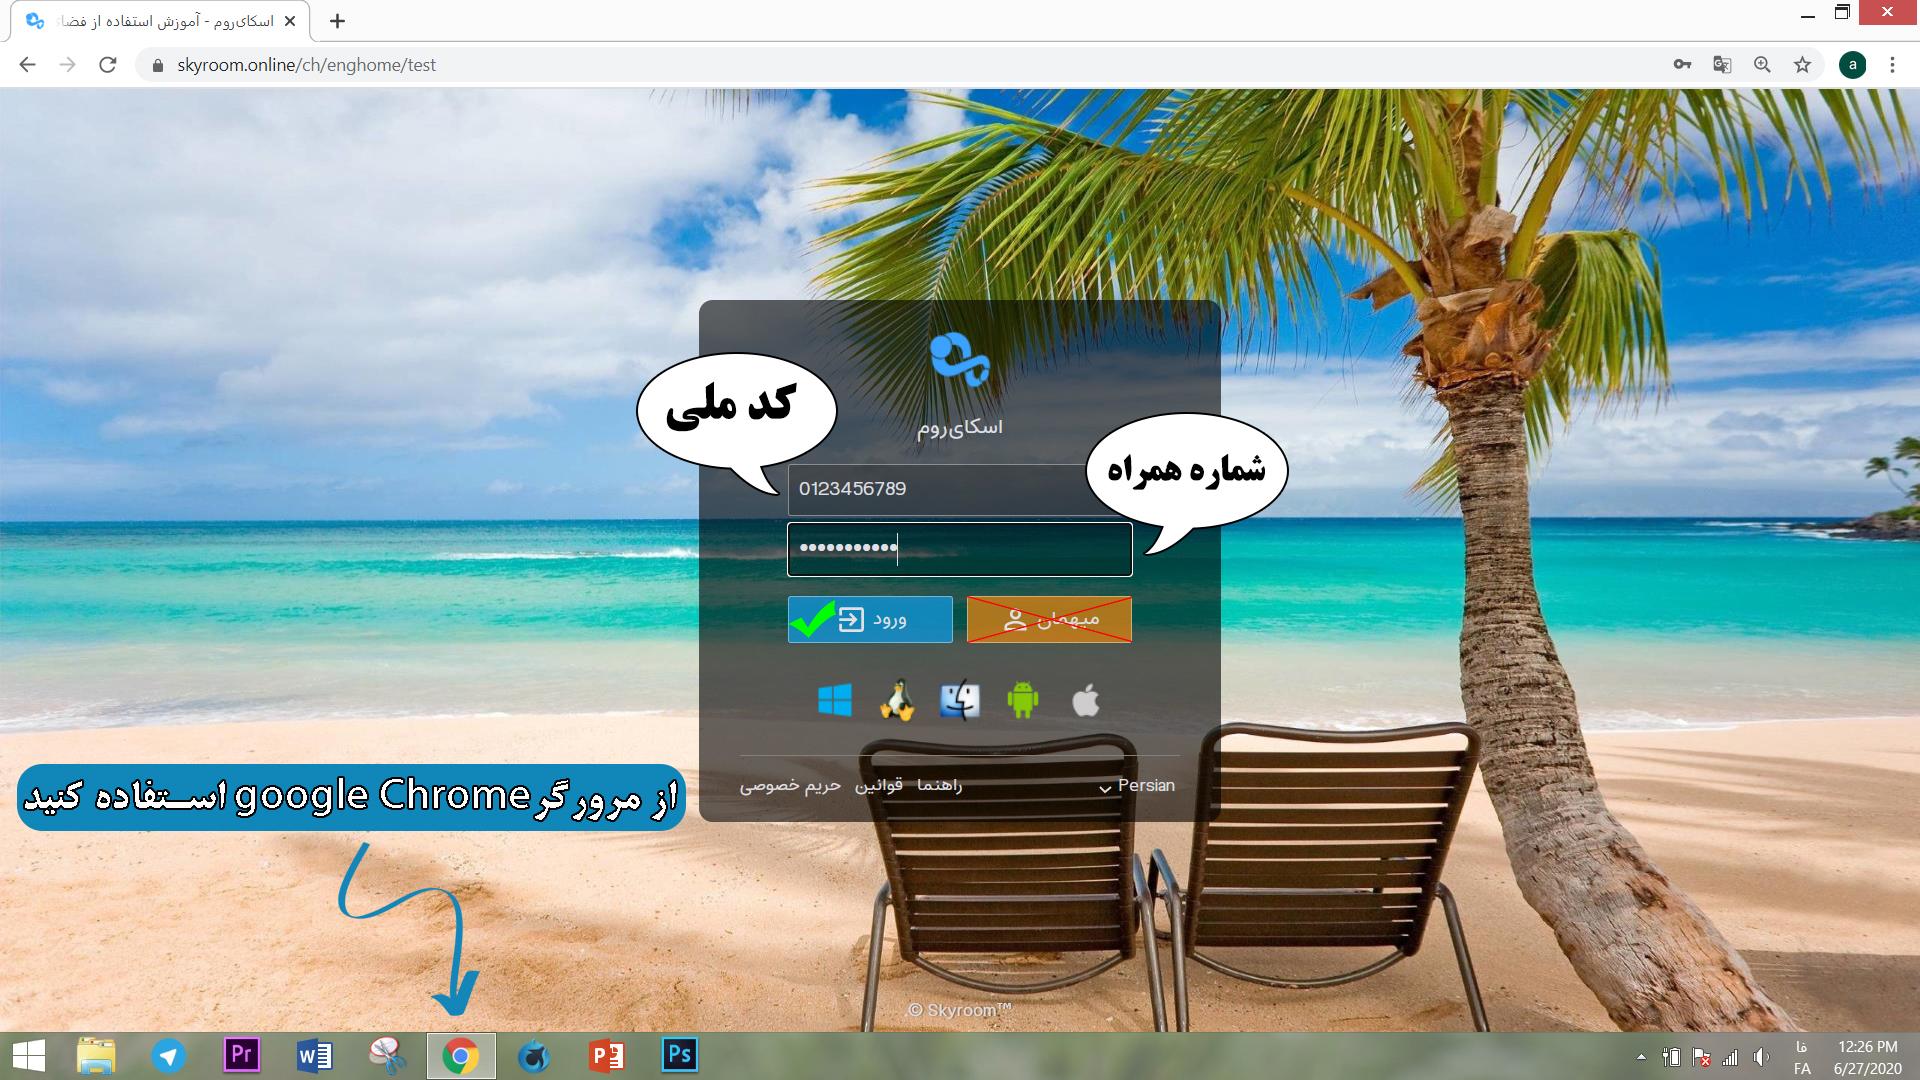 نحوه شرکت در دوره های آنلاین خانه مهندسی شیمی ایران